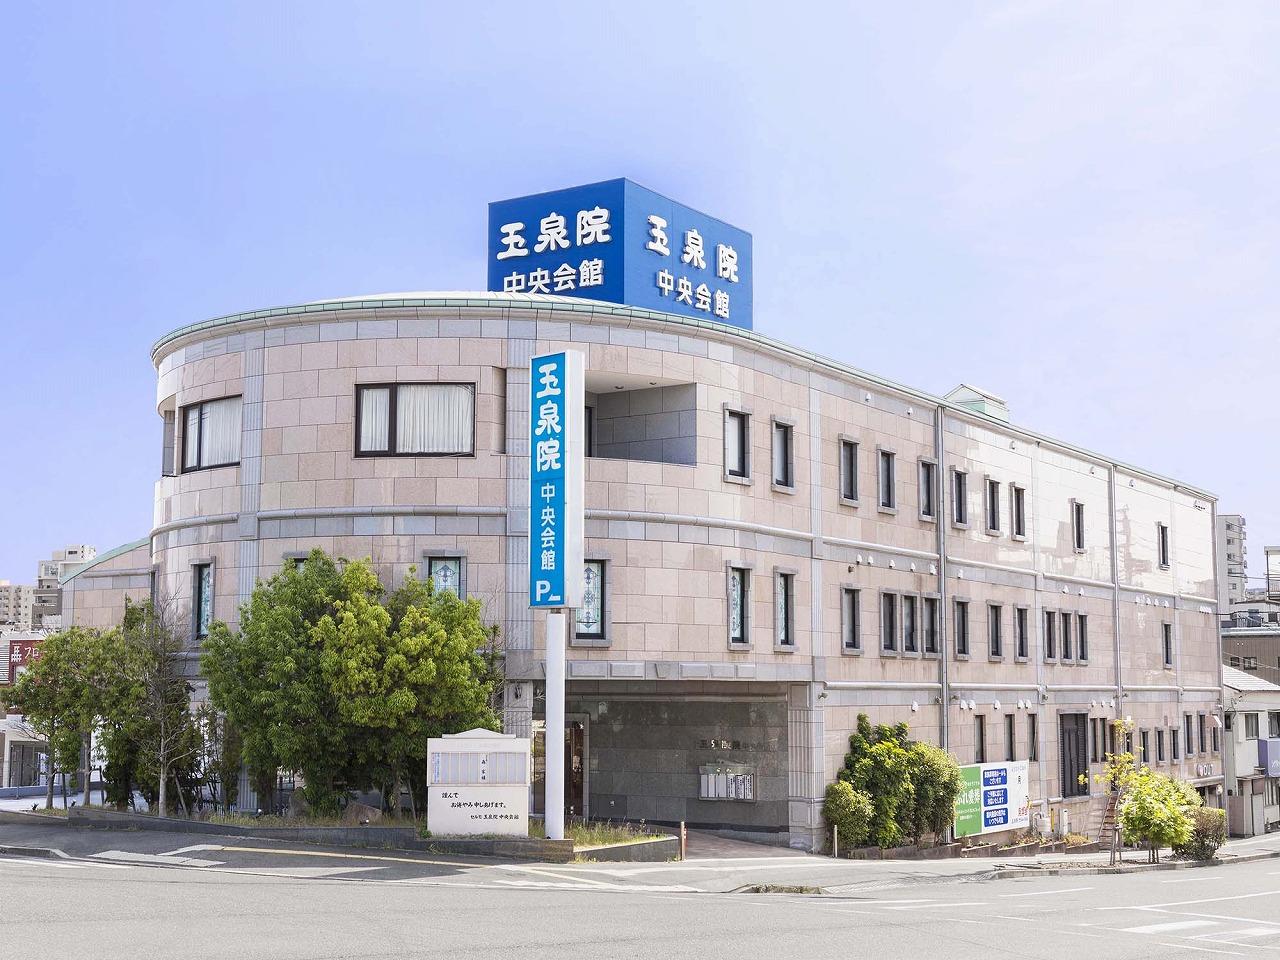 広島市中区にある民営斎場「サンセルモ玉泉院 中央会館」の外観です